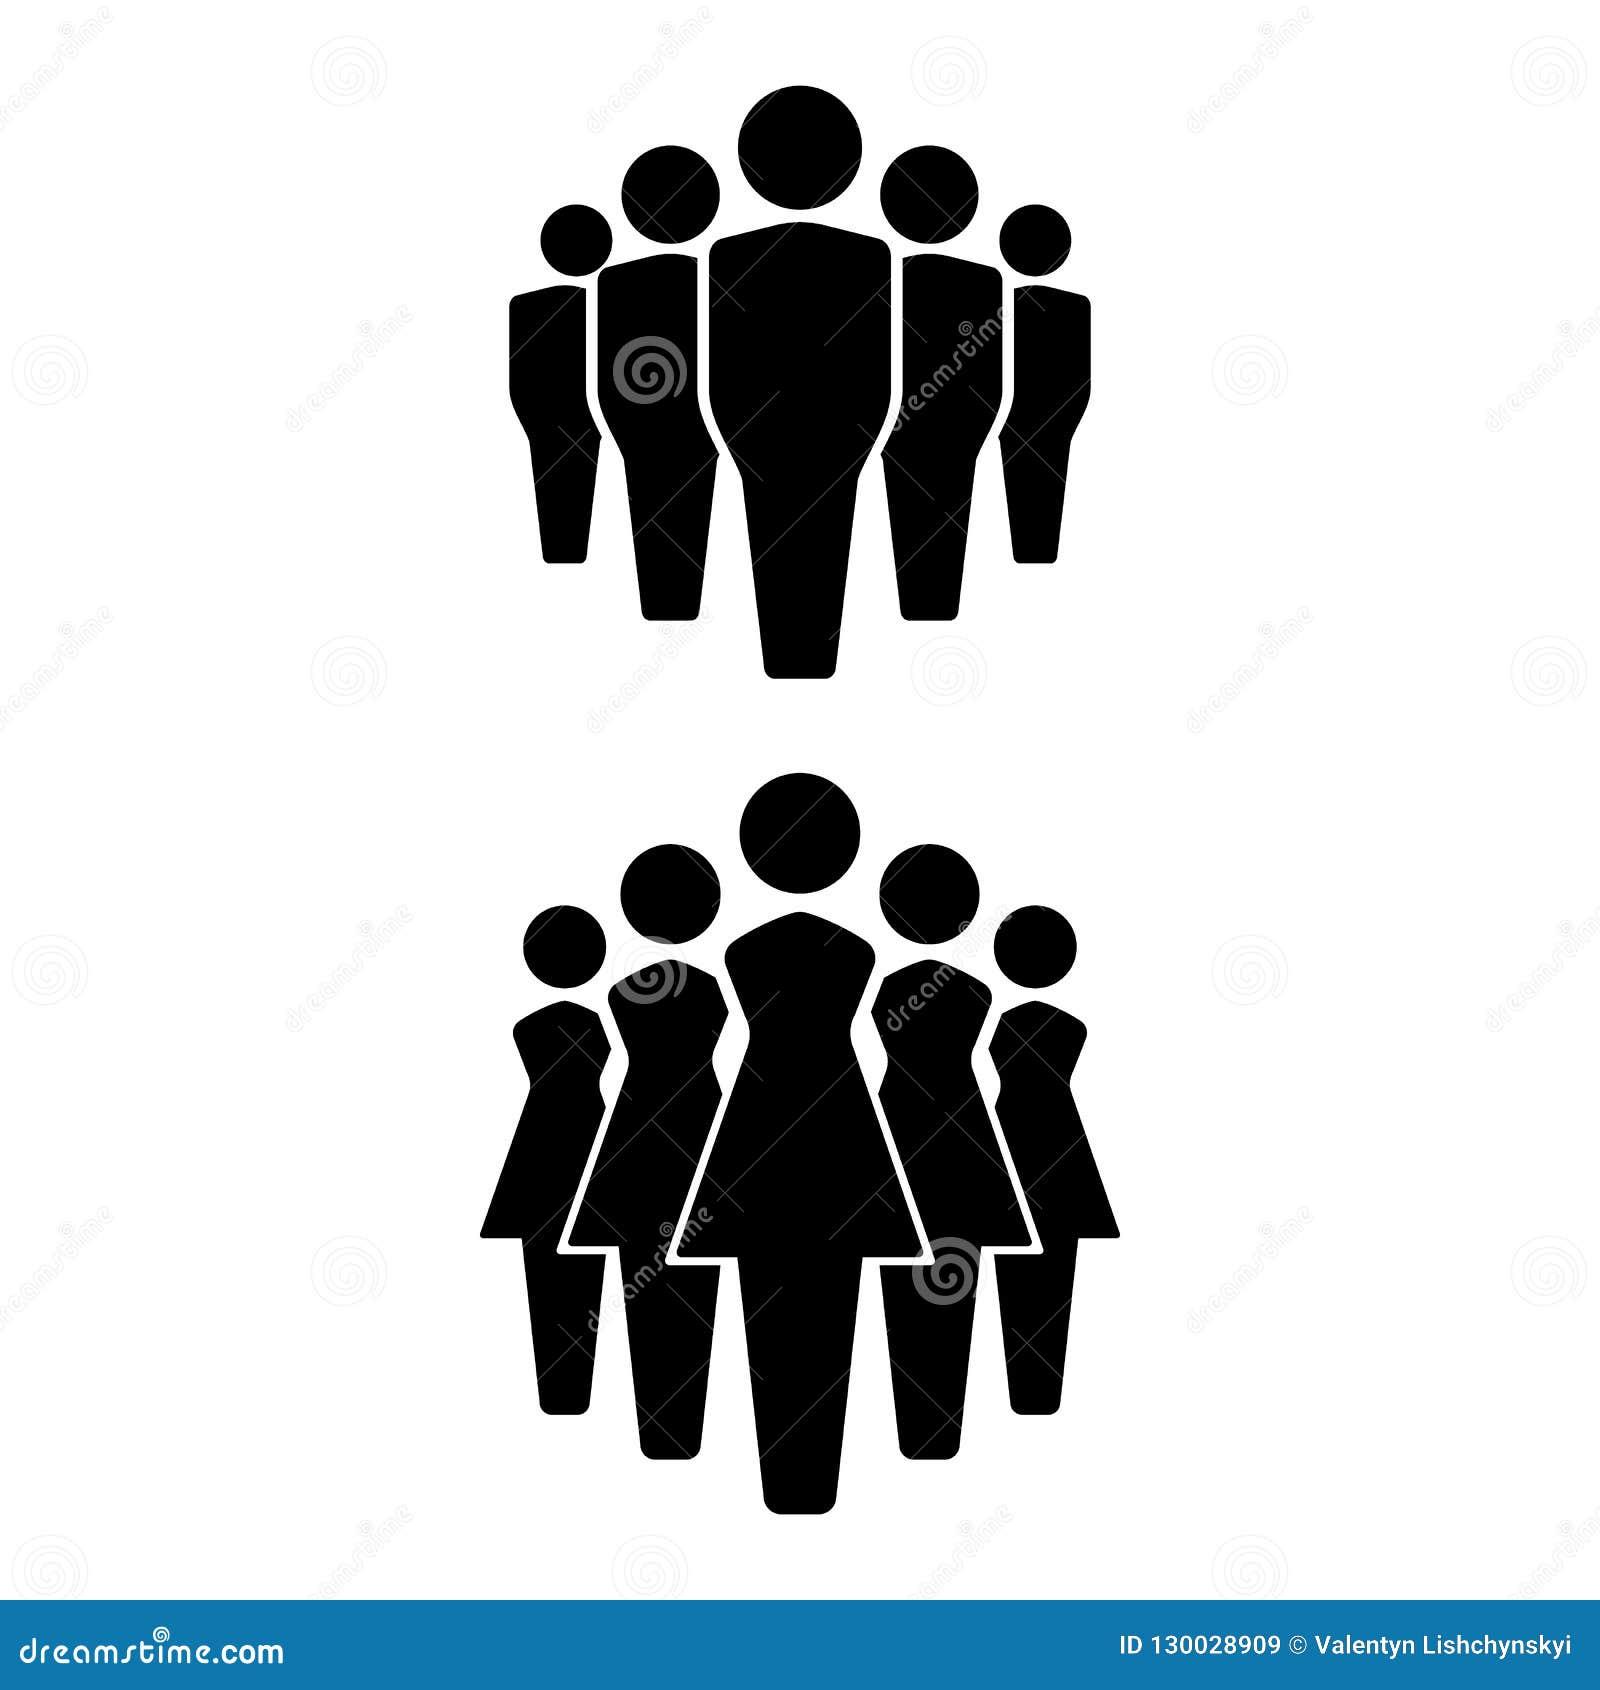 Icone insieme, icona del gruppo, gruppo di persone della gente Uomini e donne